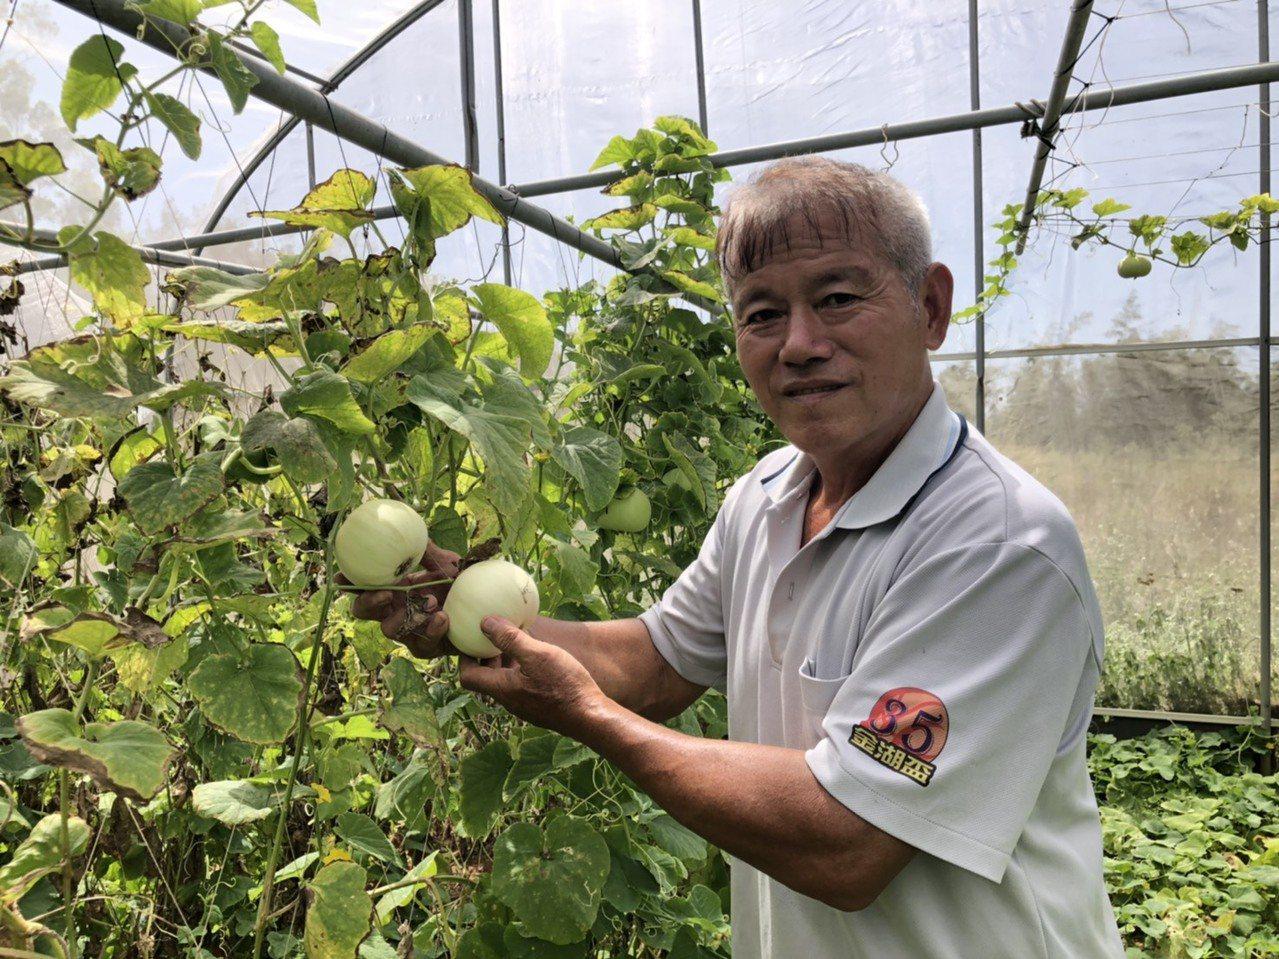 退休教師李策勵拿粉筆的手,現在改拿鋤頭,打造自己的開心農場。 圖/蔡家蓁 攝影